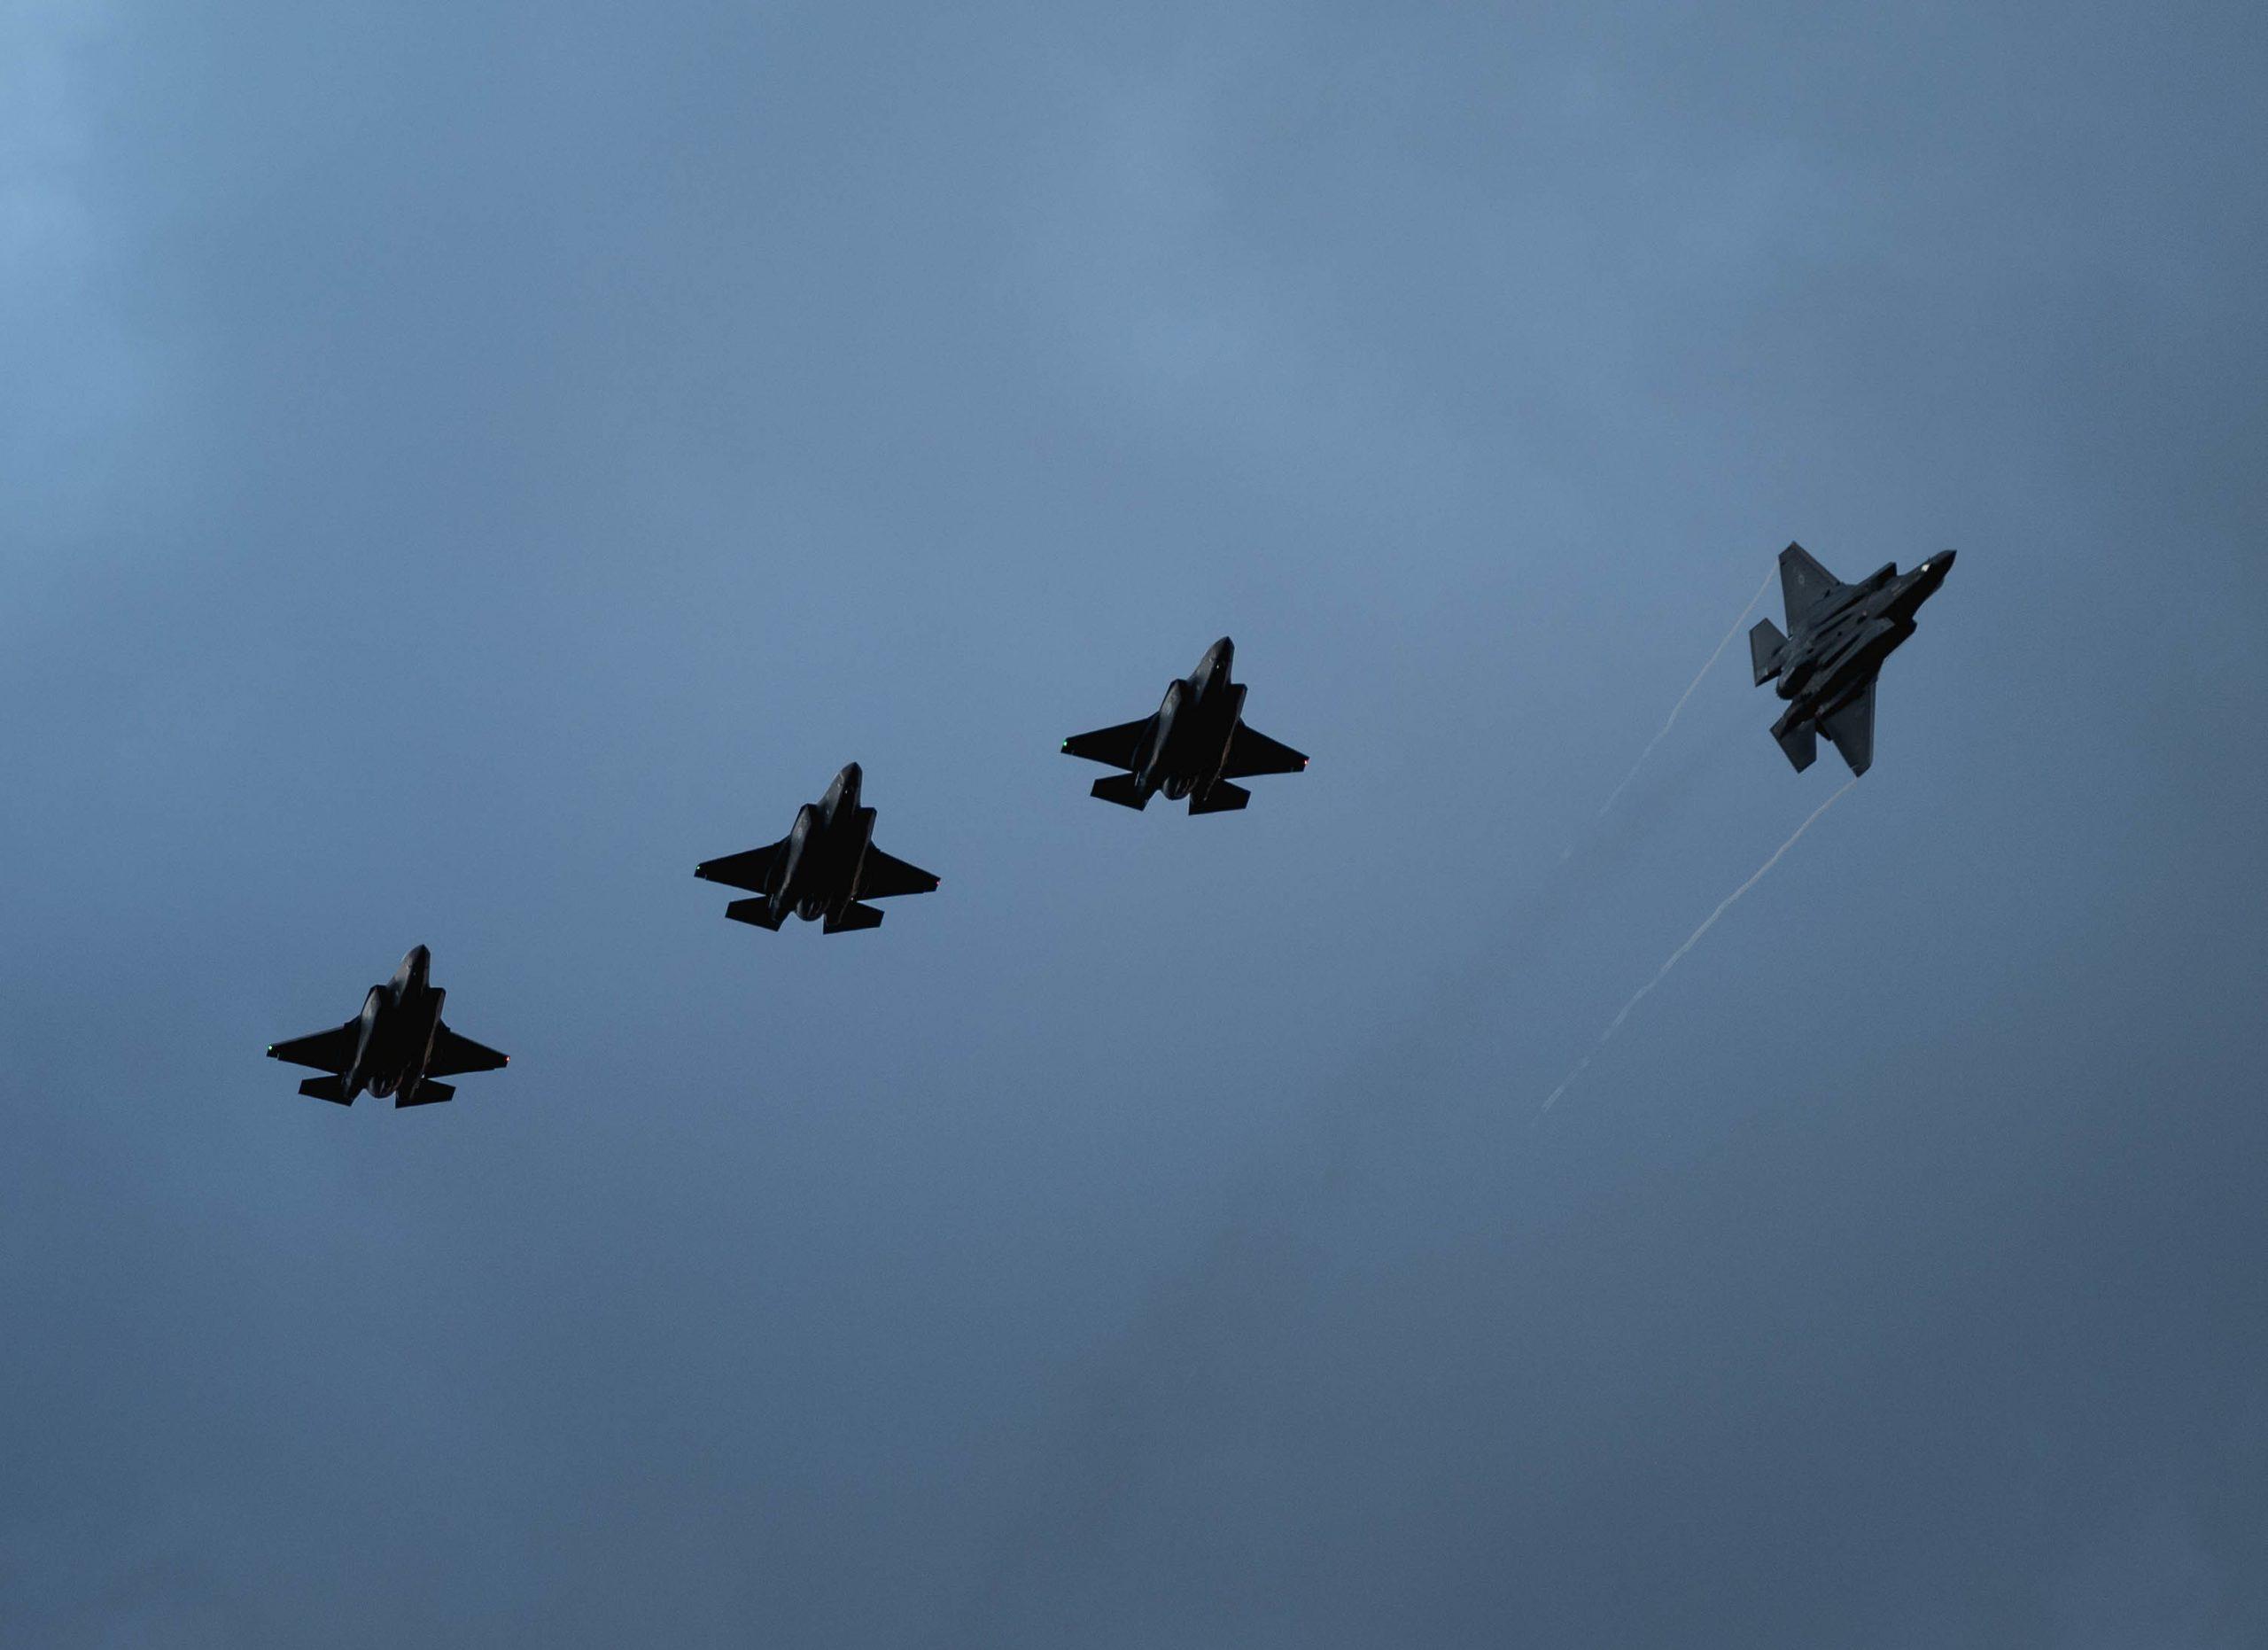 Σκιές πάνω από τα F-35 – Γκρίνια για το κόστος τους – Πίστη στη δύναμή τους